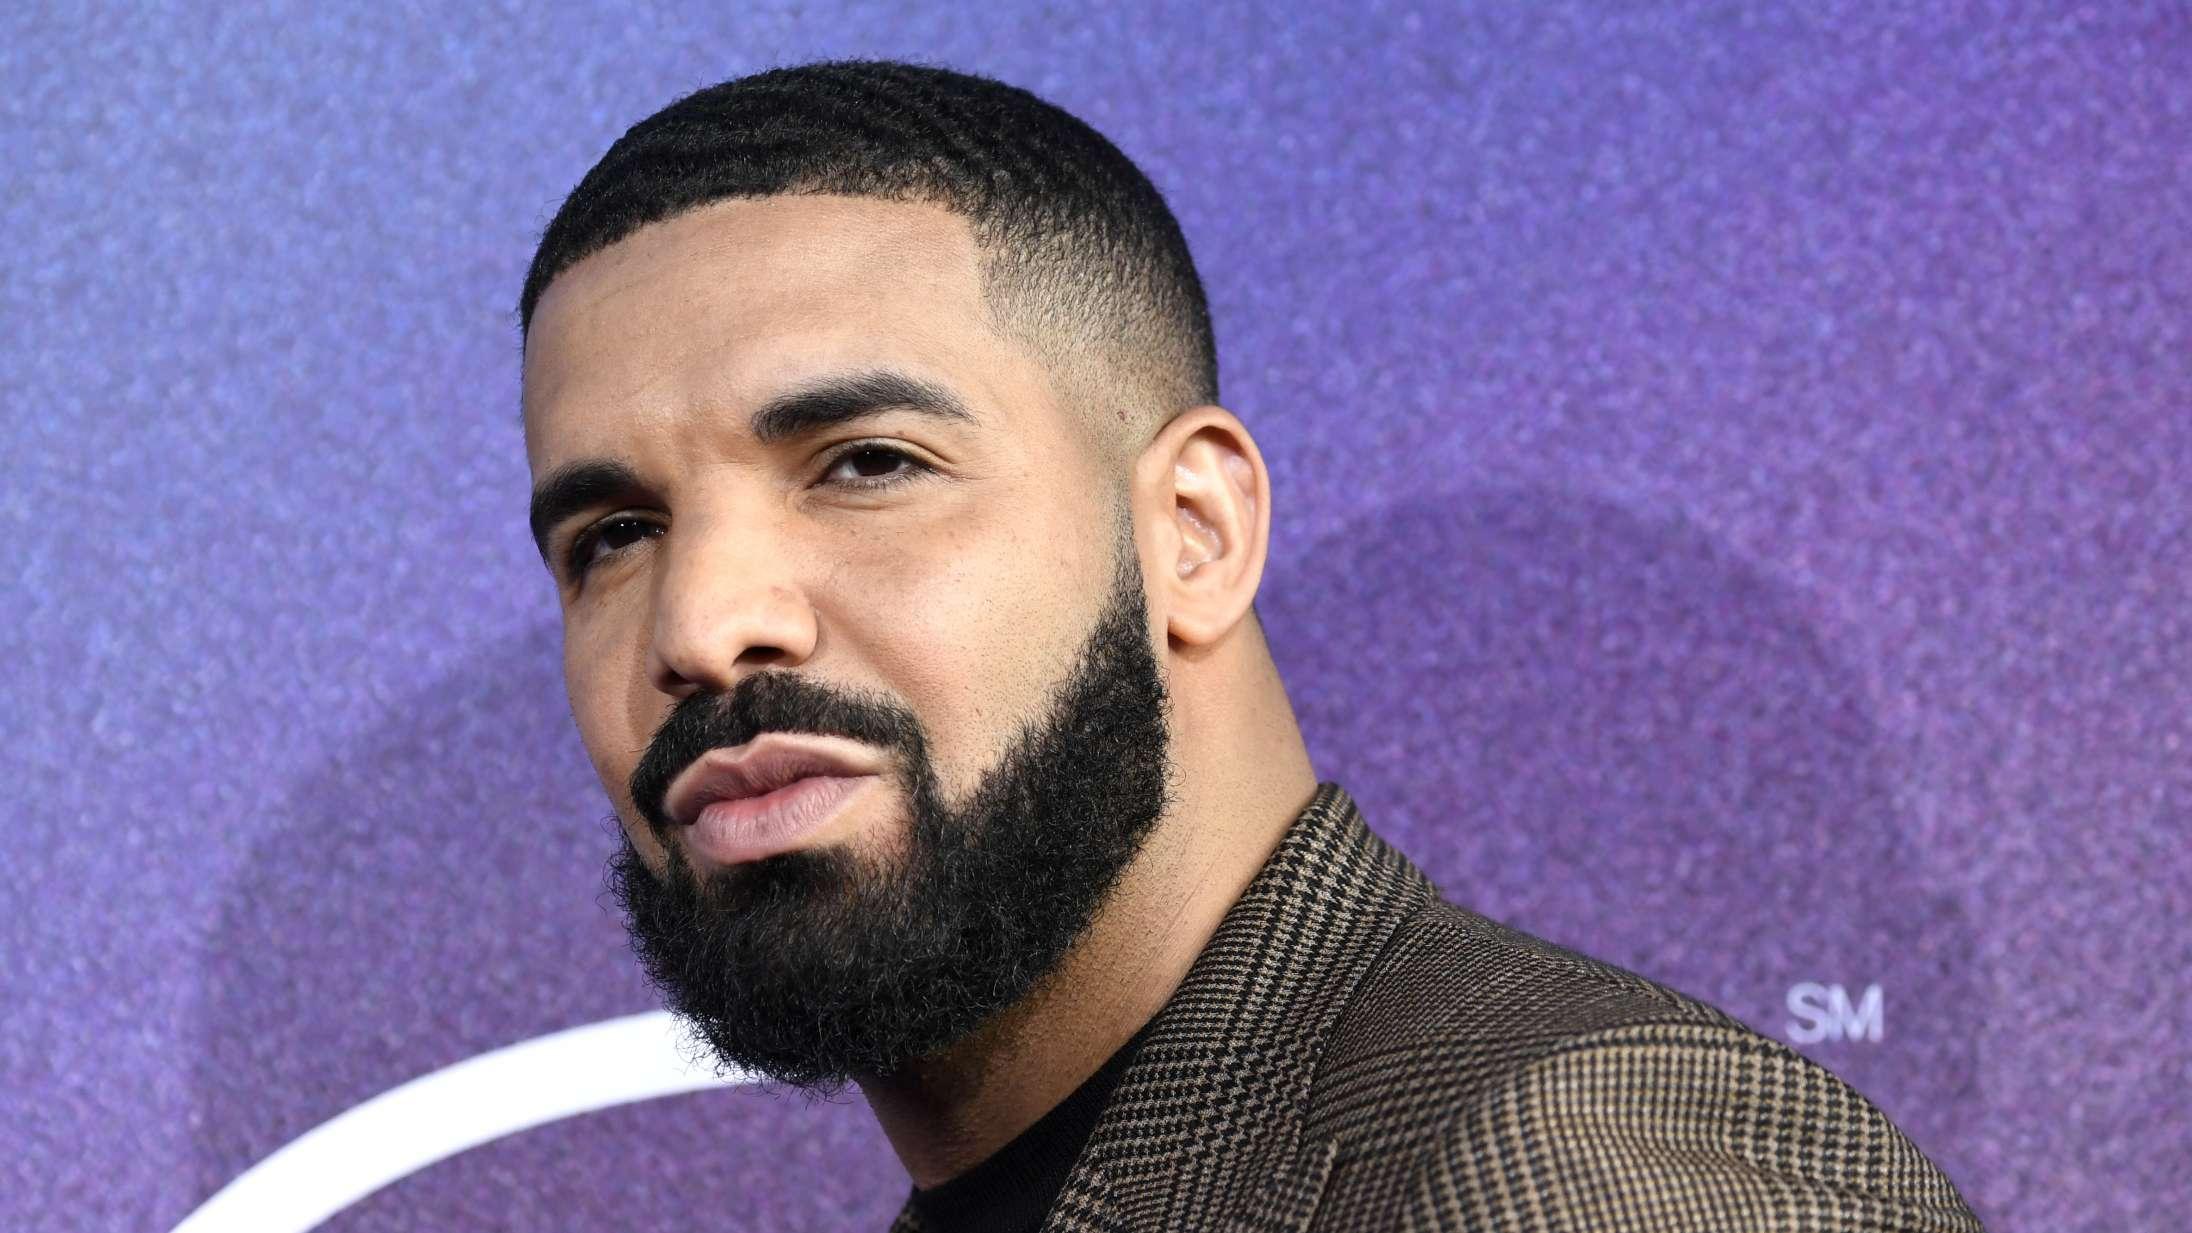 Drake hylder ung freestyle-rapper efter viral video: »Du er fantastisk«